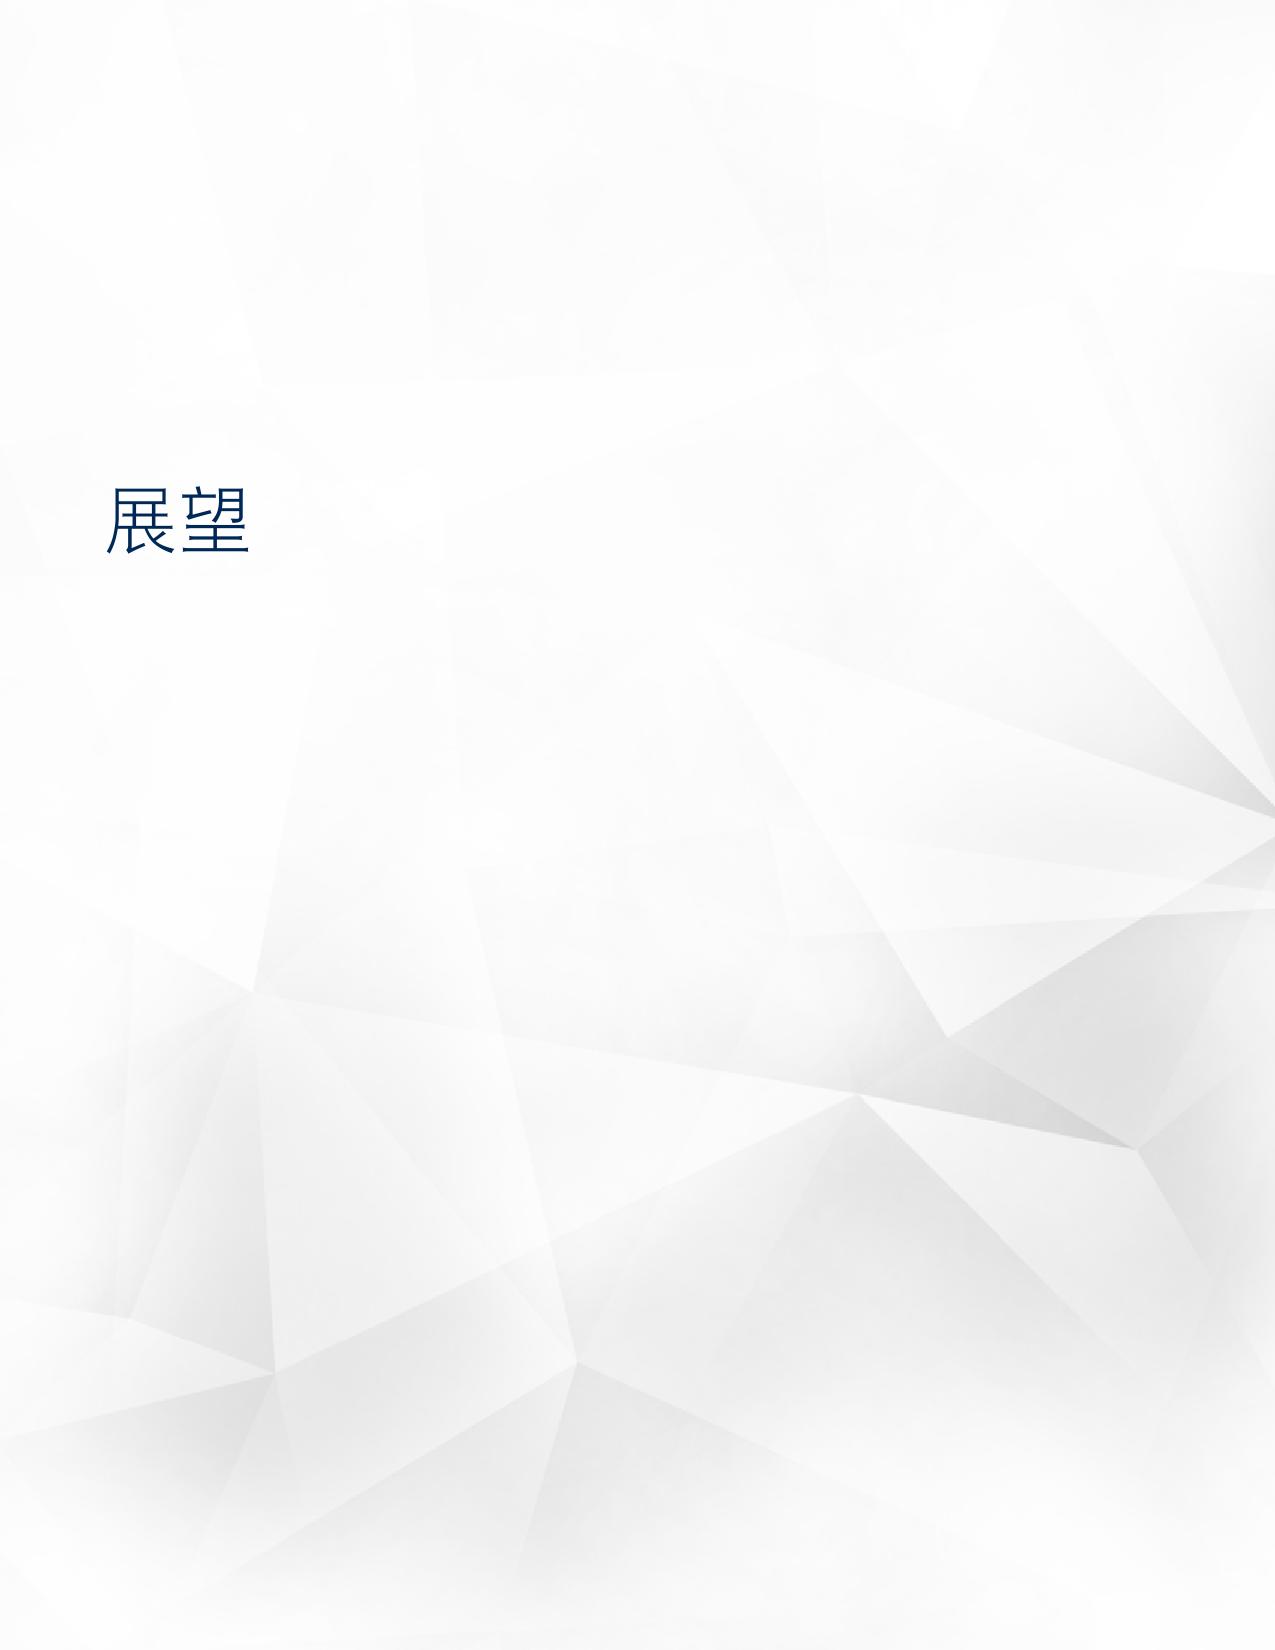 2016年中网络安全报告_000055